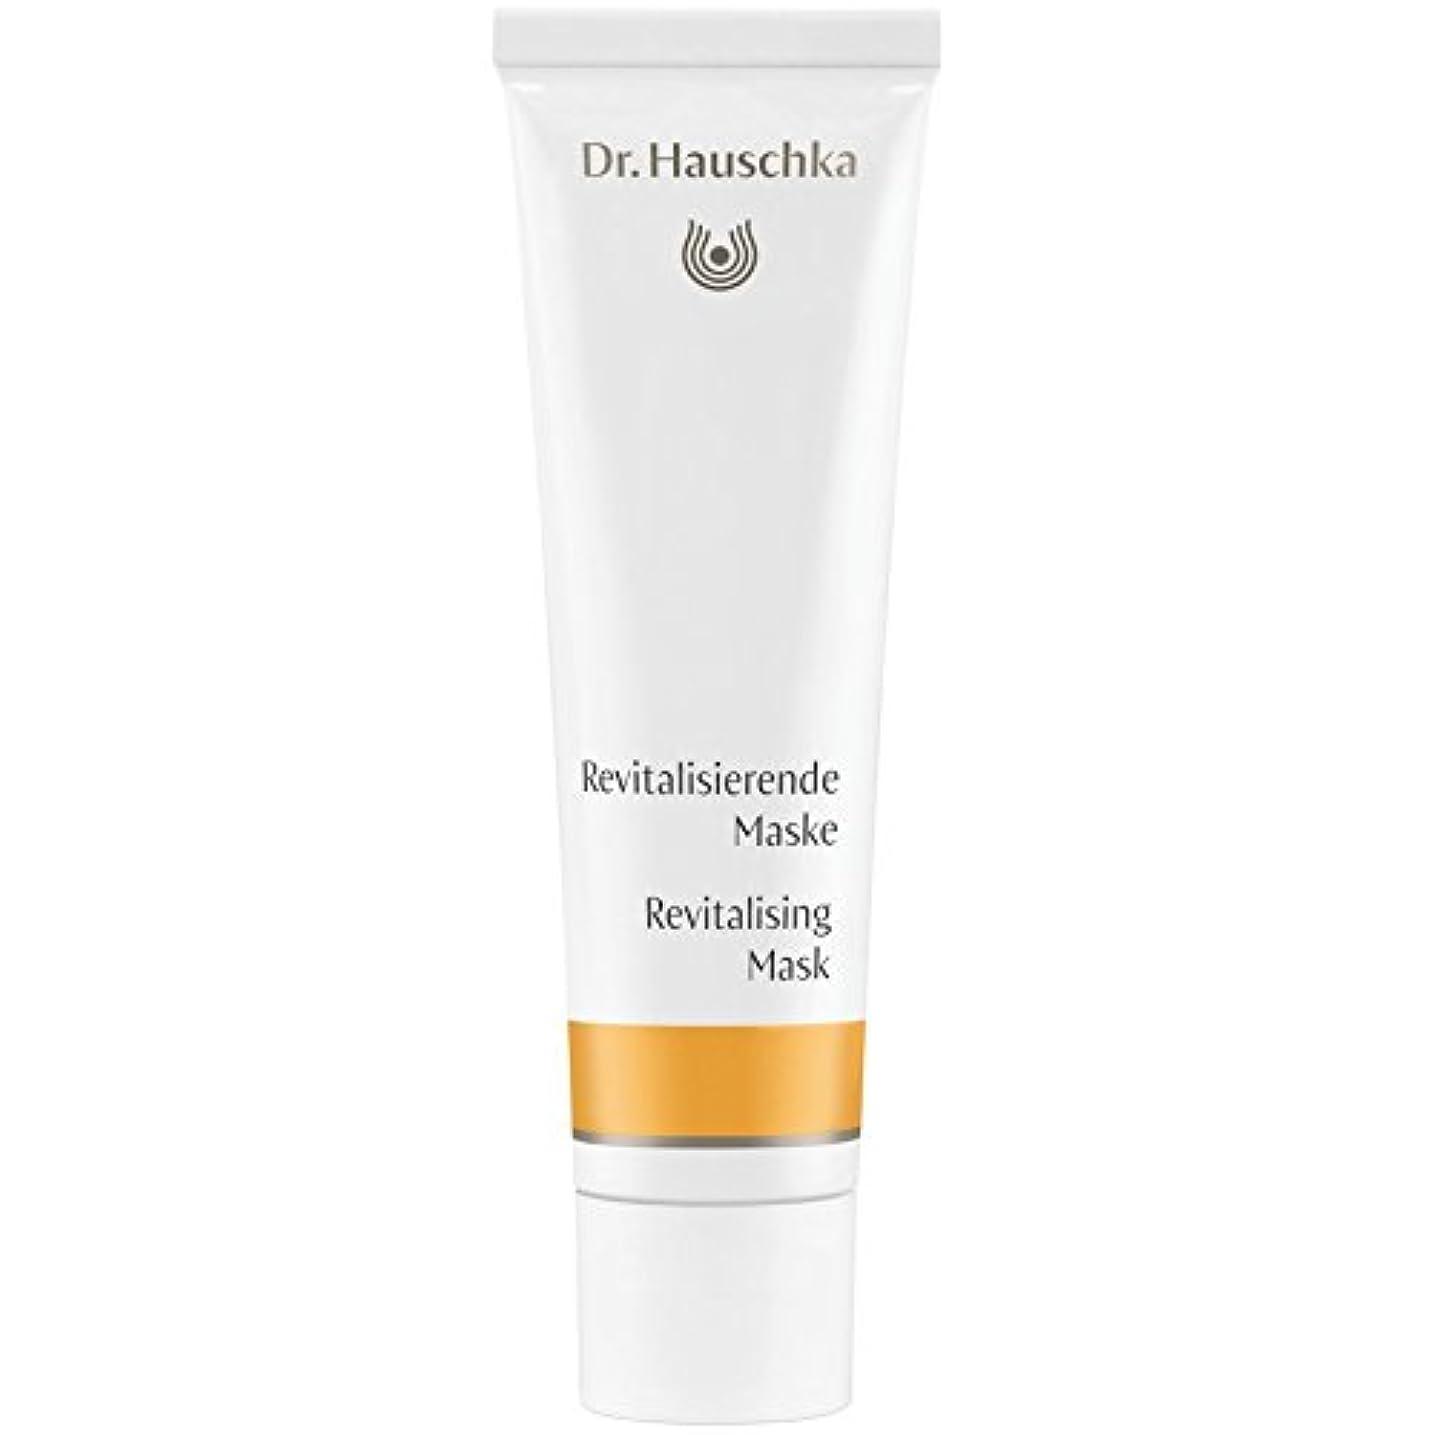 パットご飯くるみ[Dr Hauschka] Drハウシュカ若返りマスク30ミリリットル - Dr Hauschka Rejuvenating Mask 30ml [並行輸入品]